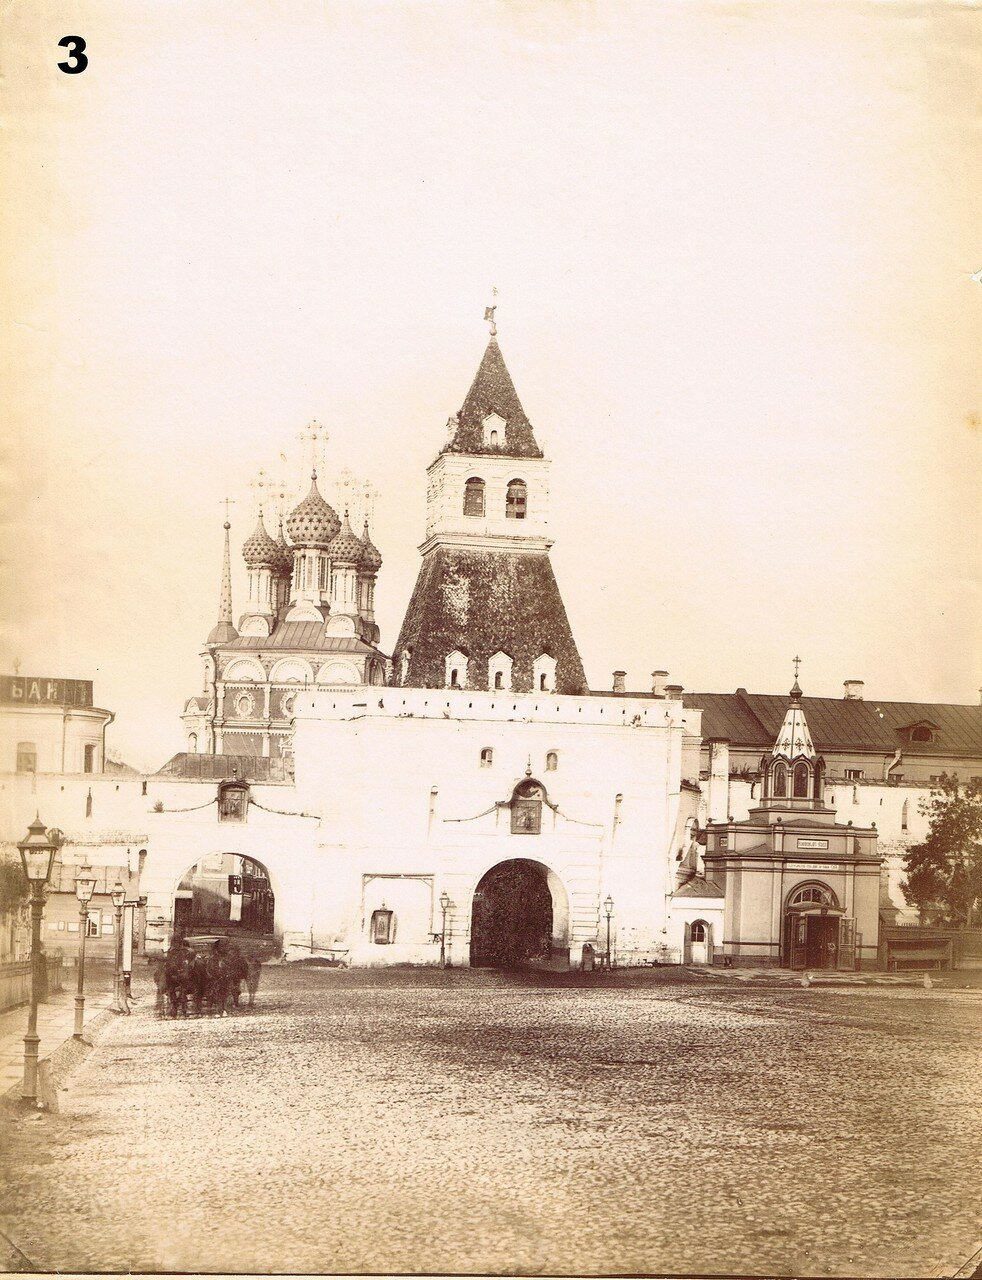 653. Ильинские ворота. 1870-1880